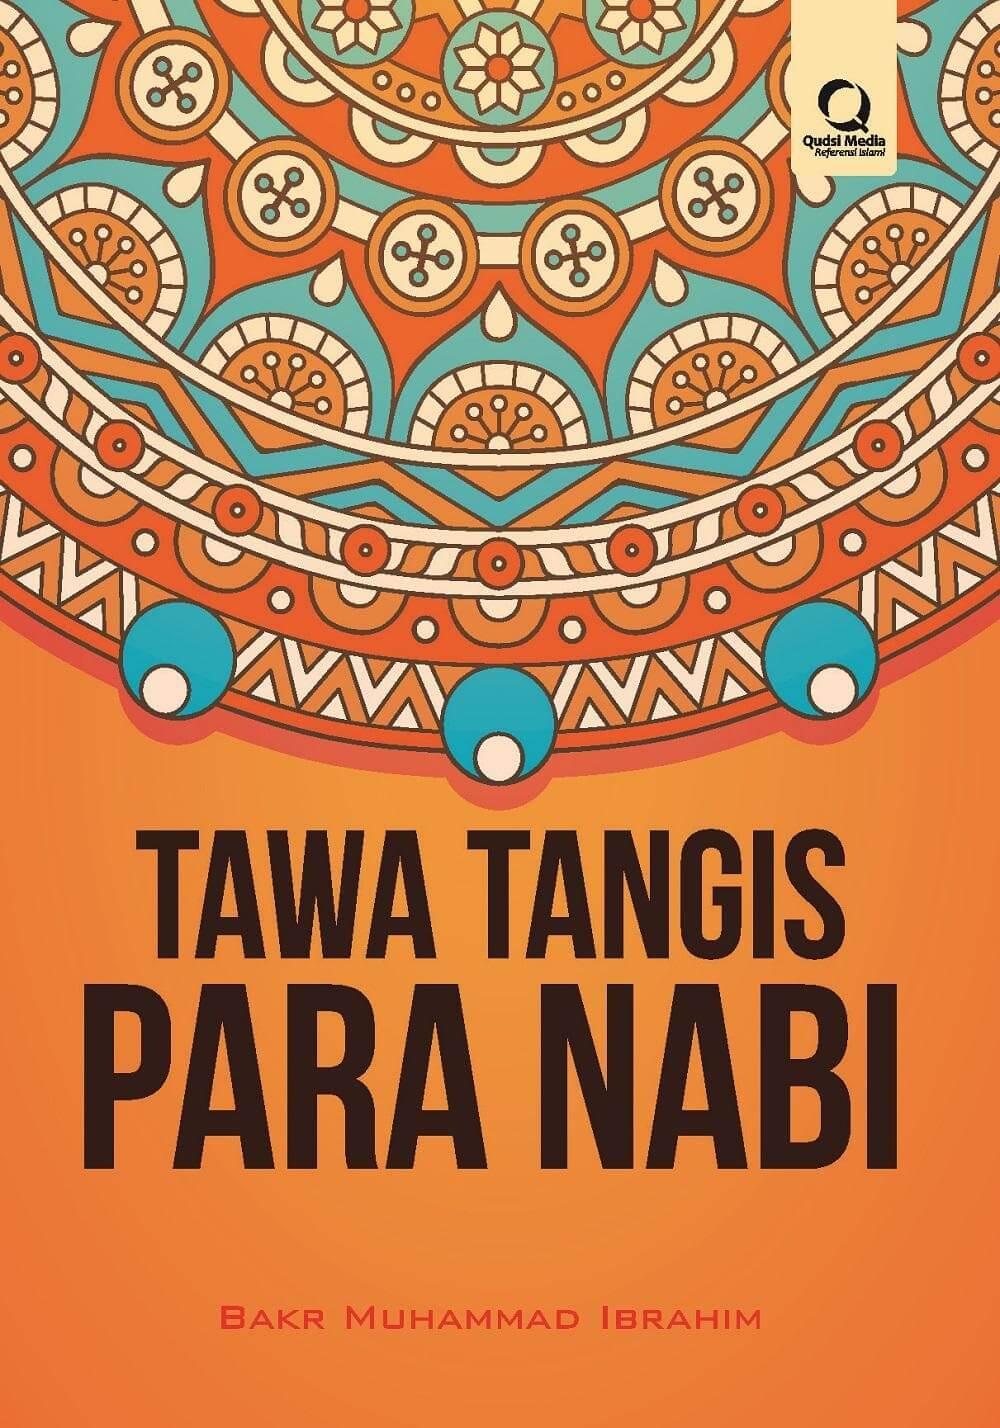 TAWA TANGIS PARA NABI